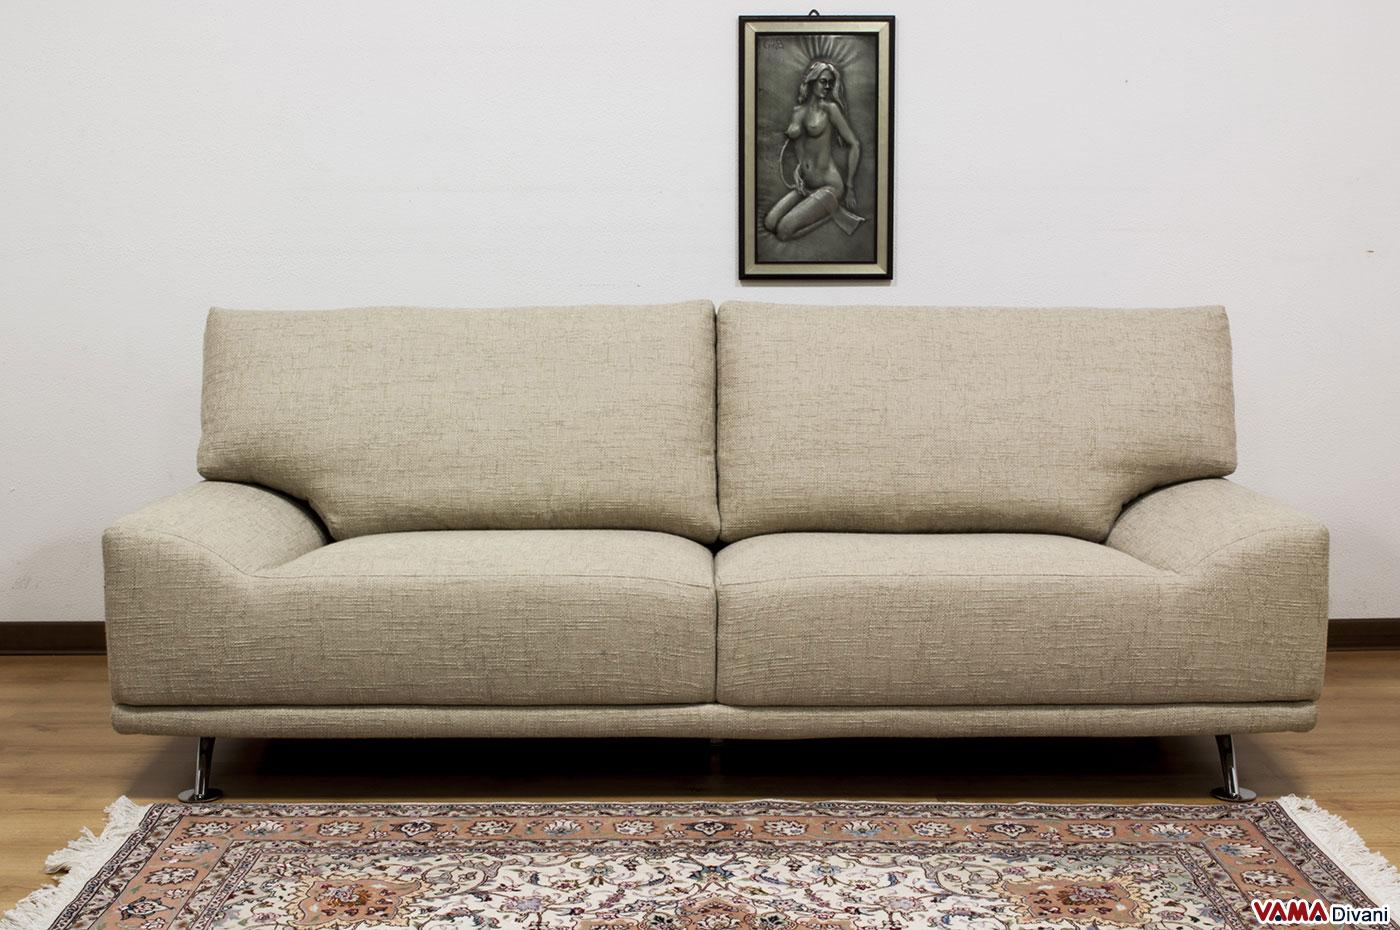 Divani Grandissimi : Vama divani ginger il divano moderno senza braccioli